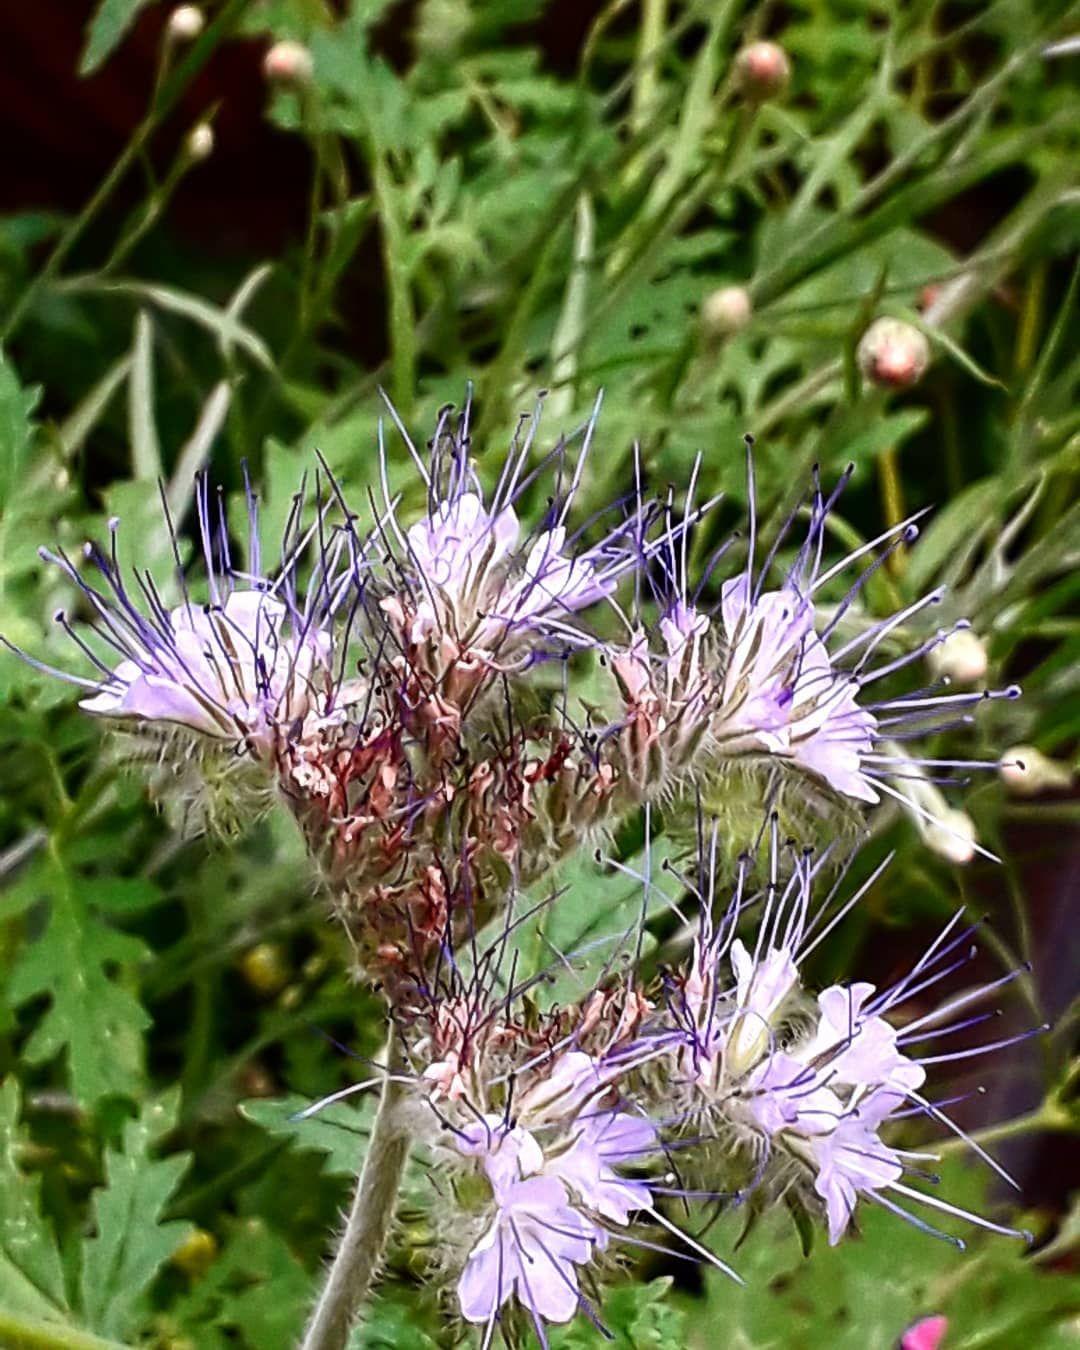 Deutschland Germany Sachsen Saxony Dresden Bautzen Weissenberg Sommer Summer Garten Garden Blume Flower Garten Dresden Blumen